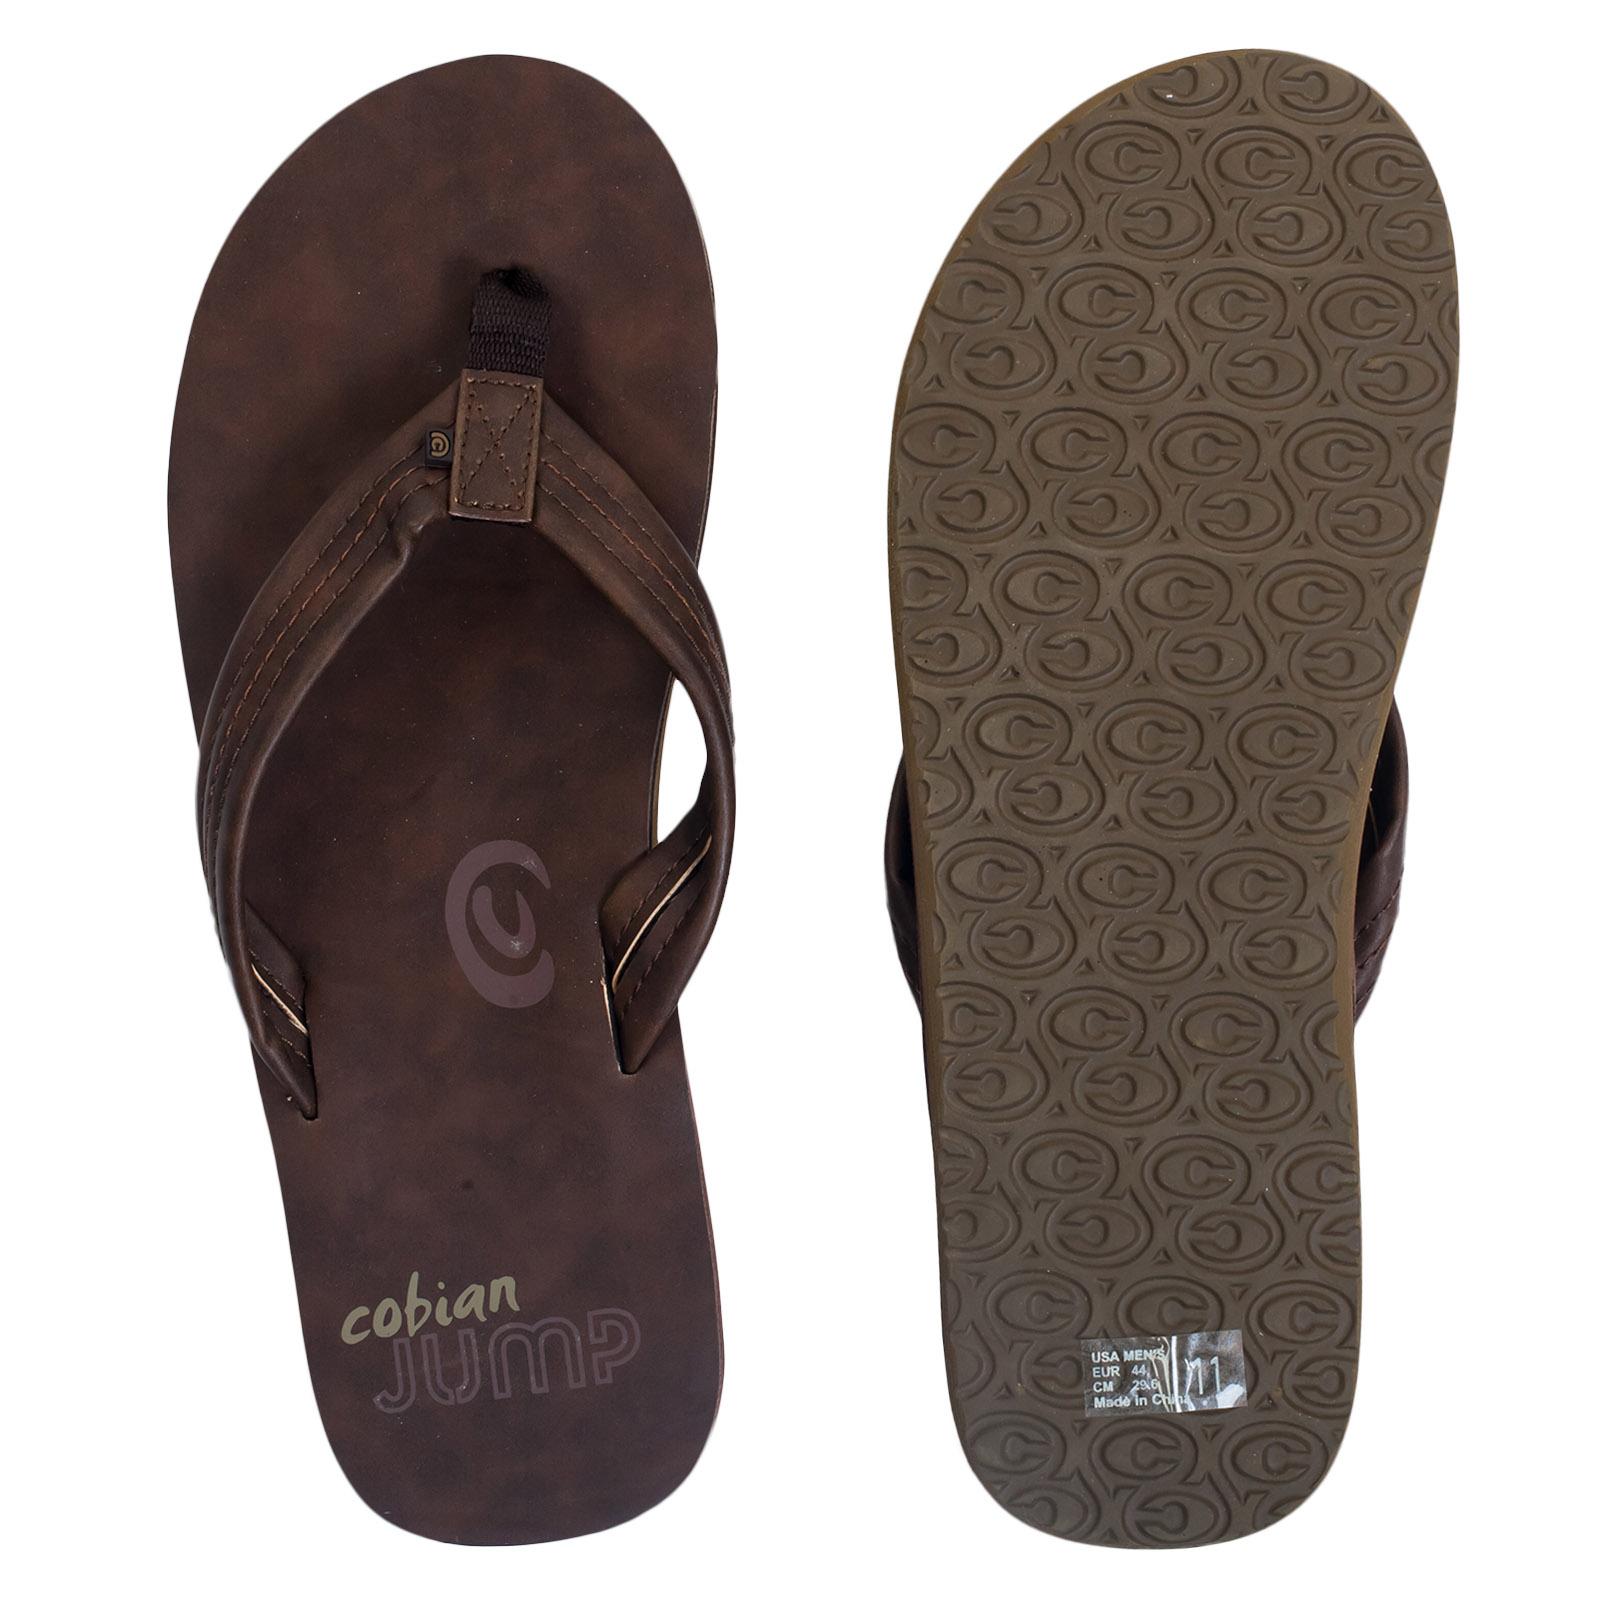 Купить мужские кожаные сланцы Cobian коричневого цвета онлайн выгодно